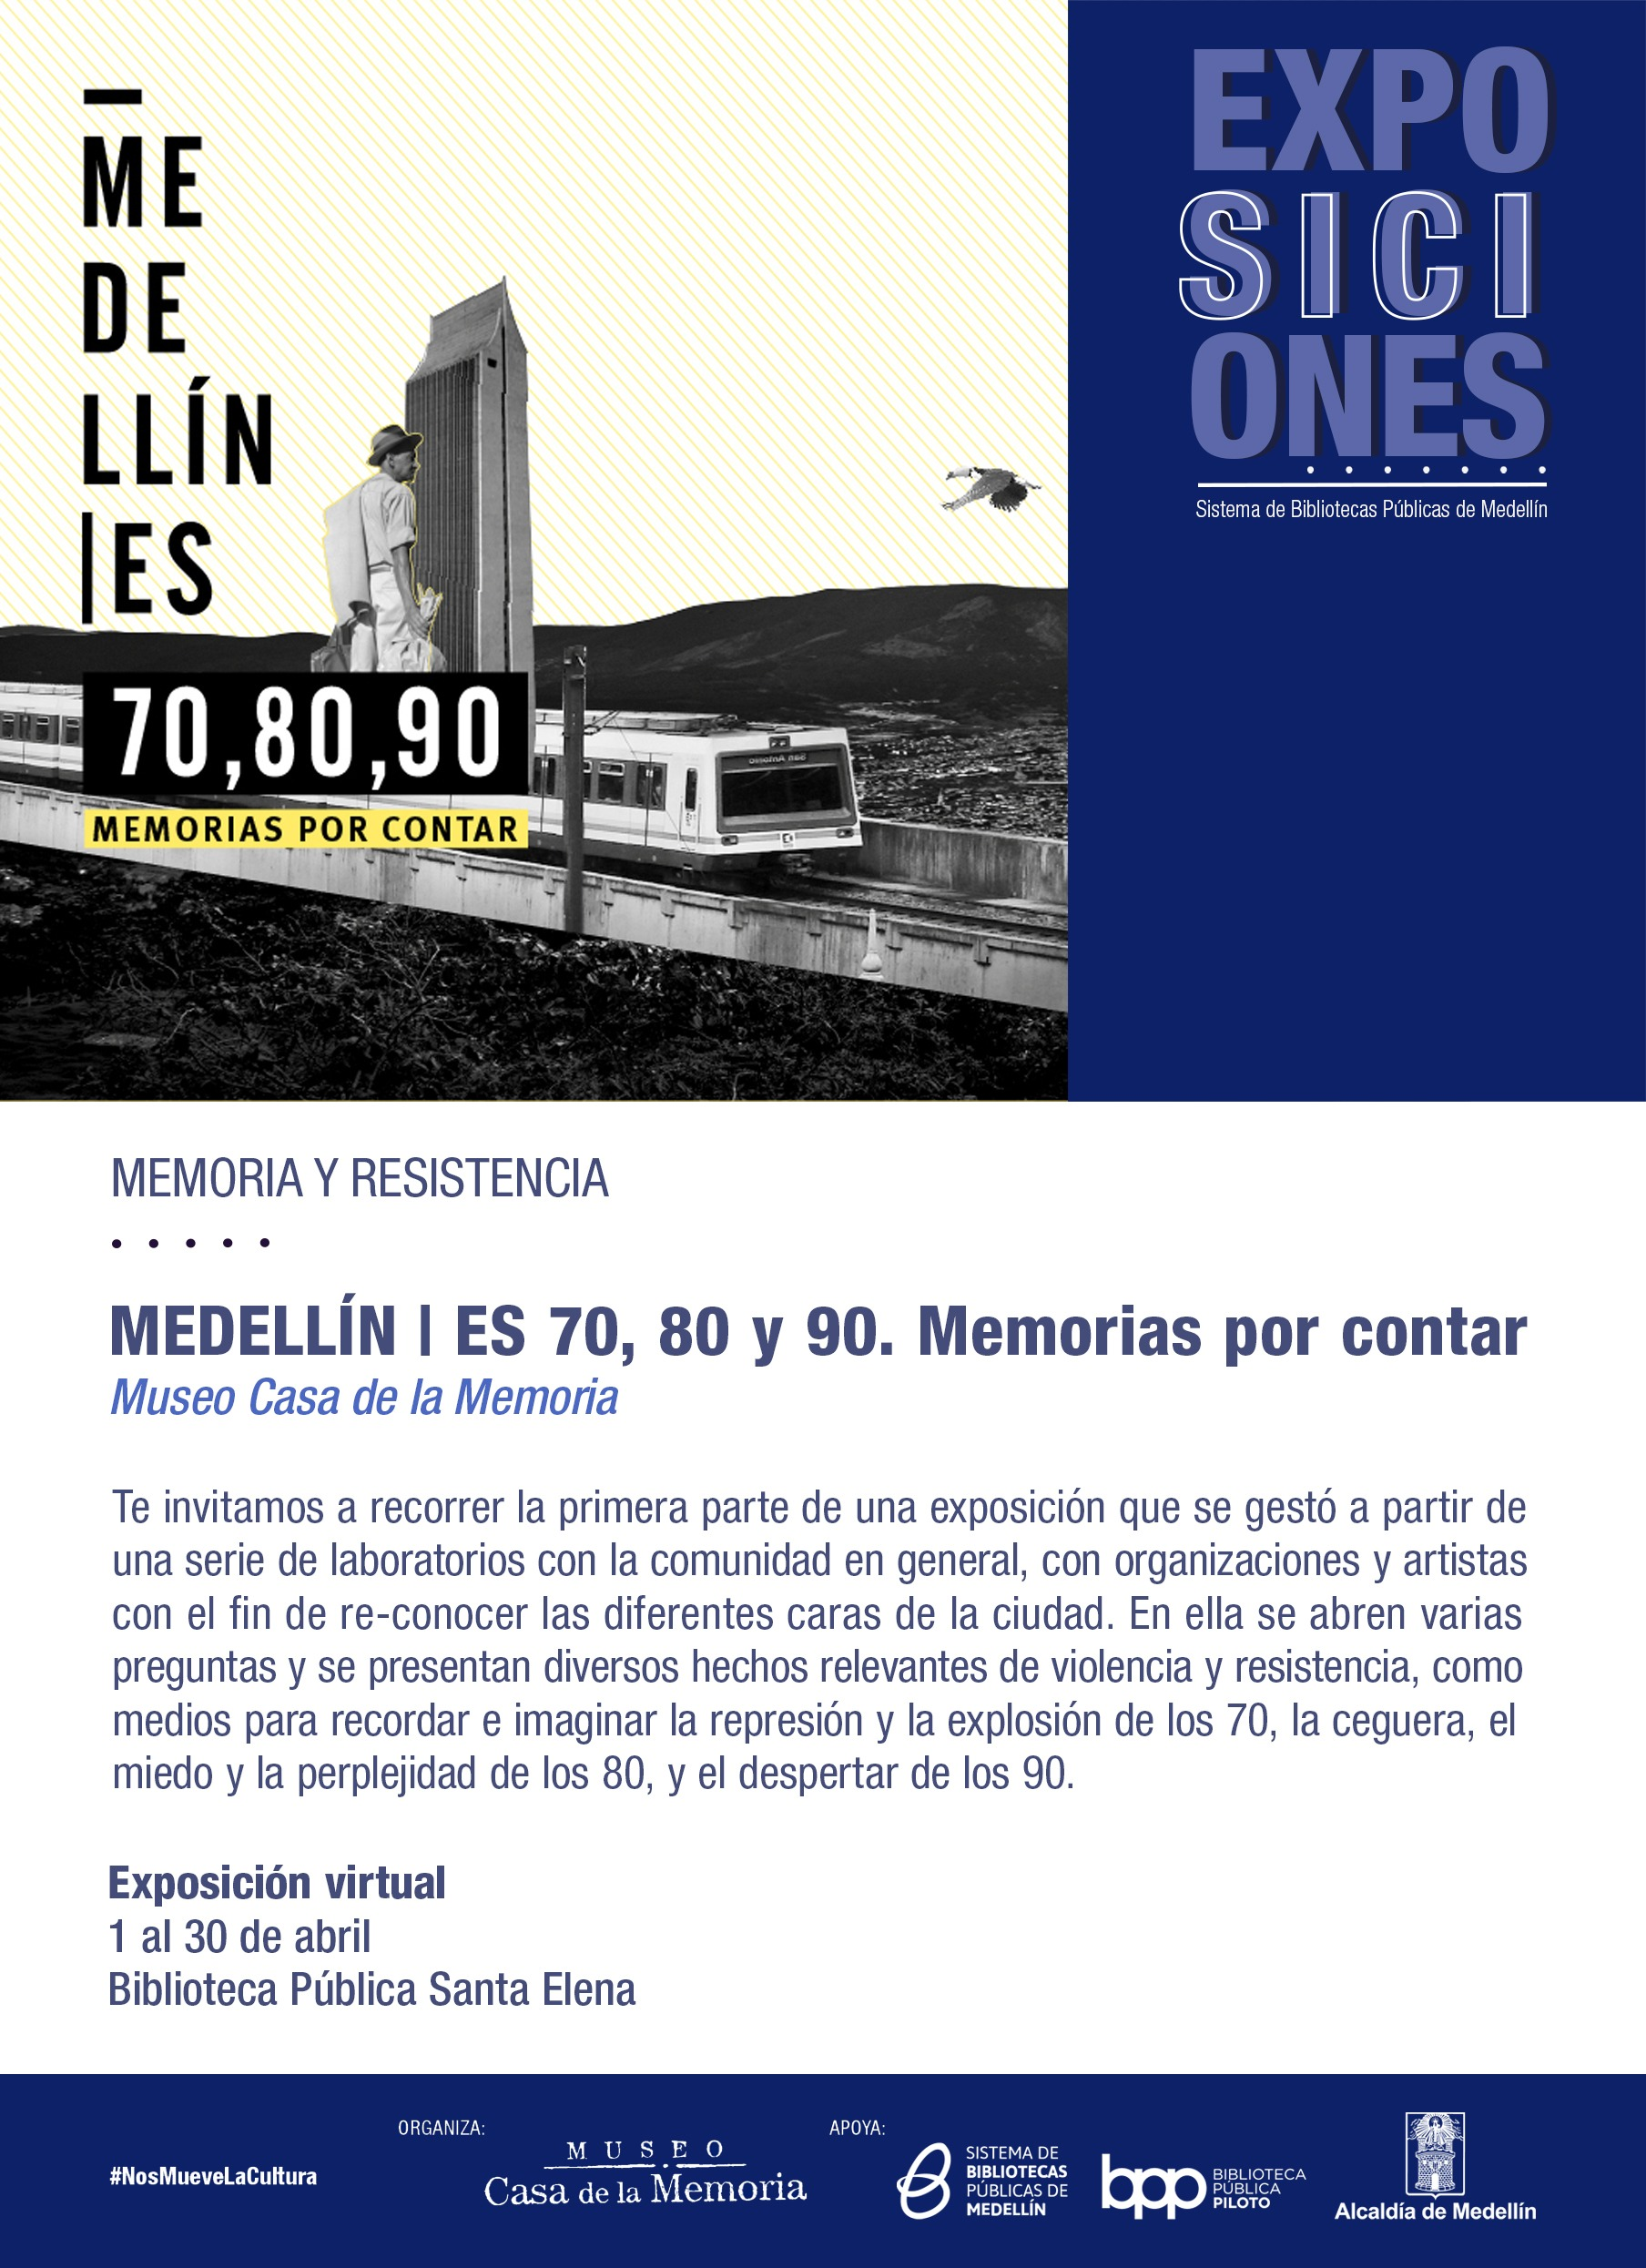 Imagen que sirve de invitación a conocer la exposición Medellín es 70, 80 y 90.